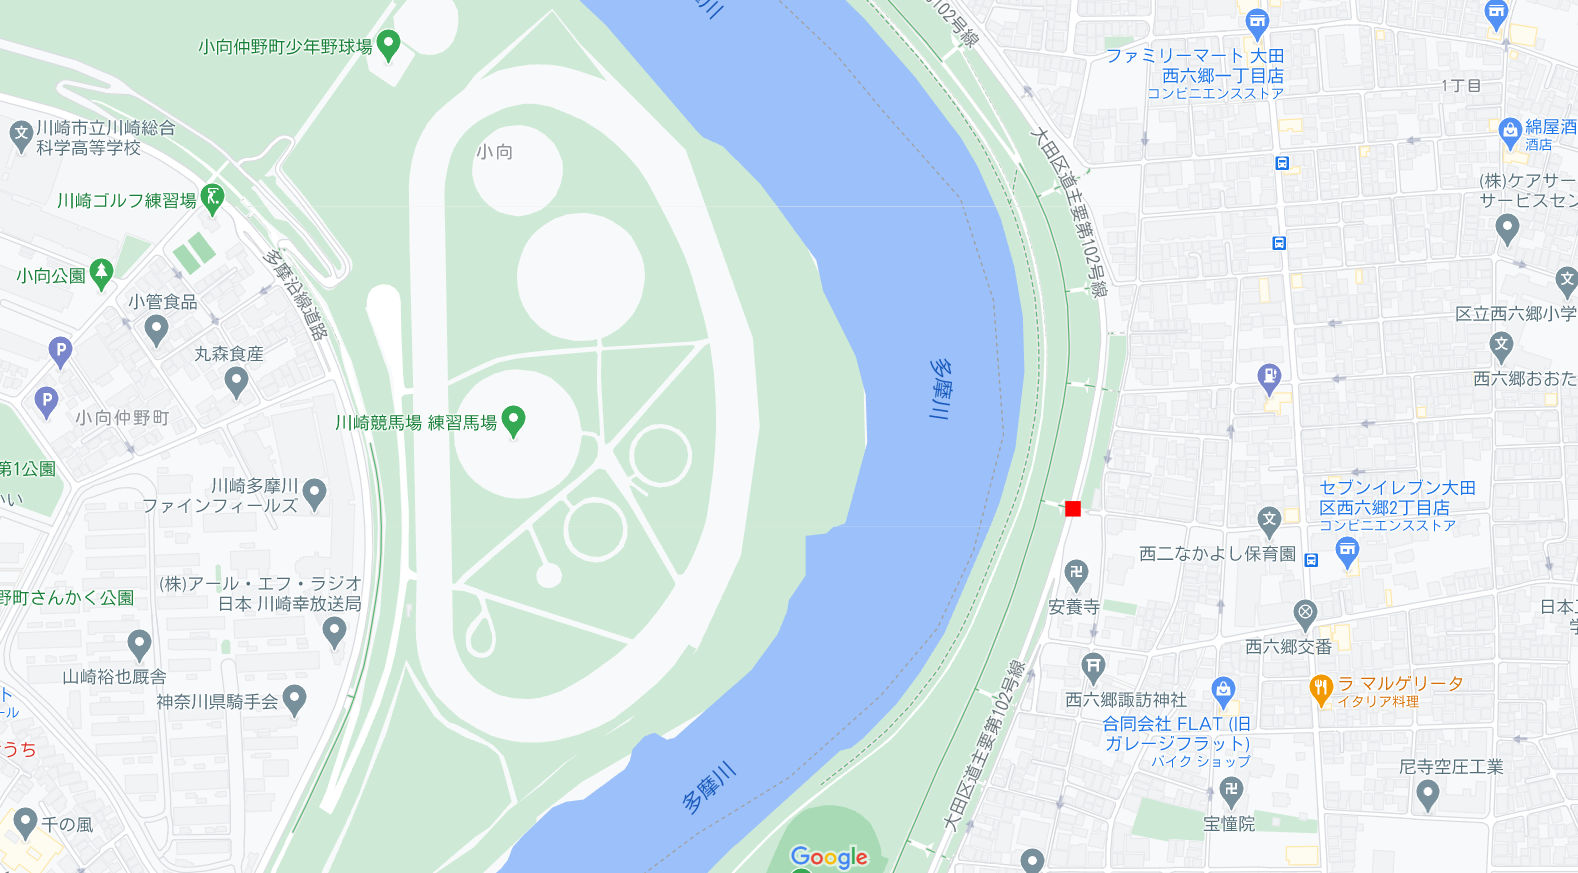 東京都の端っこで優雅なランチ・六郷土手2020秋-1006